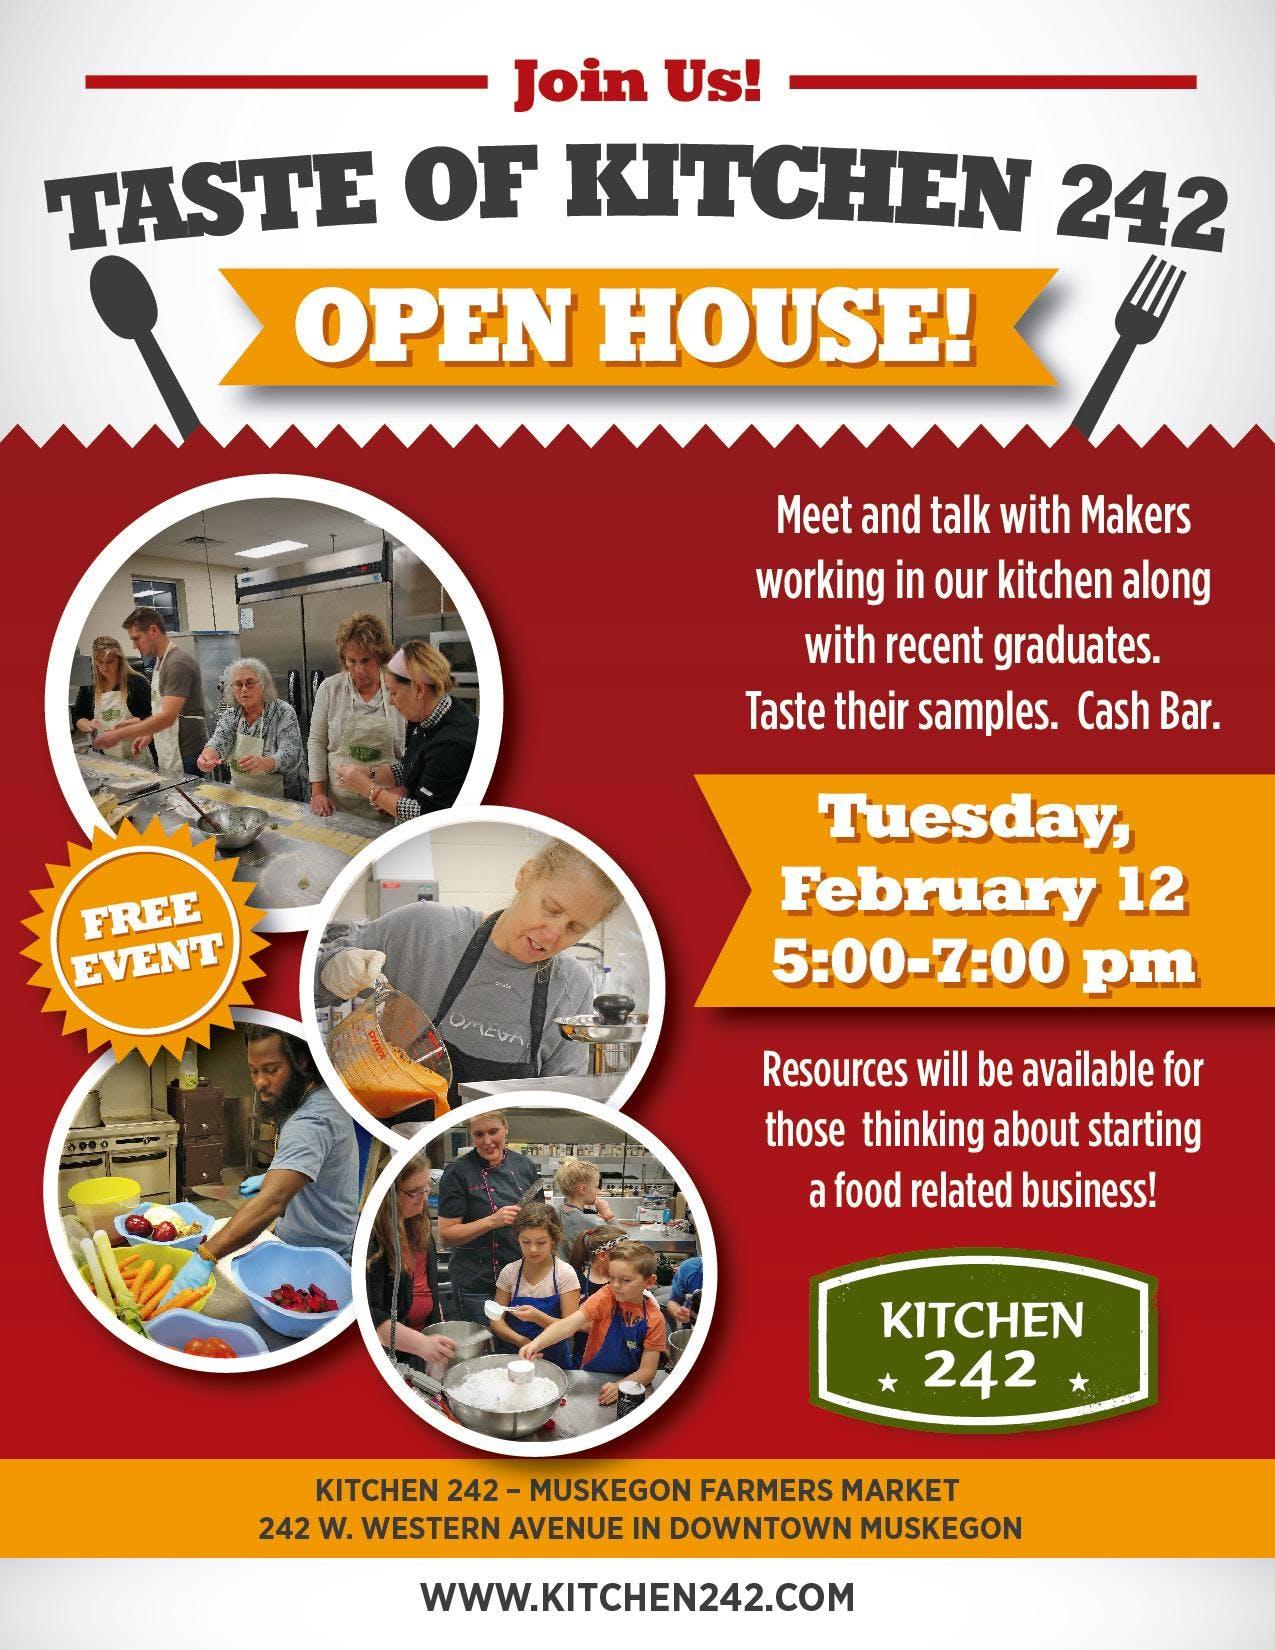 Taste of KItchen 242 Open House